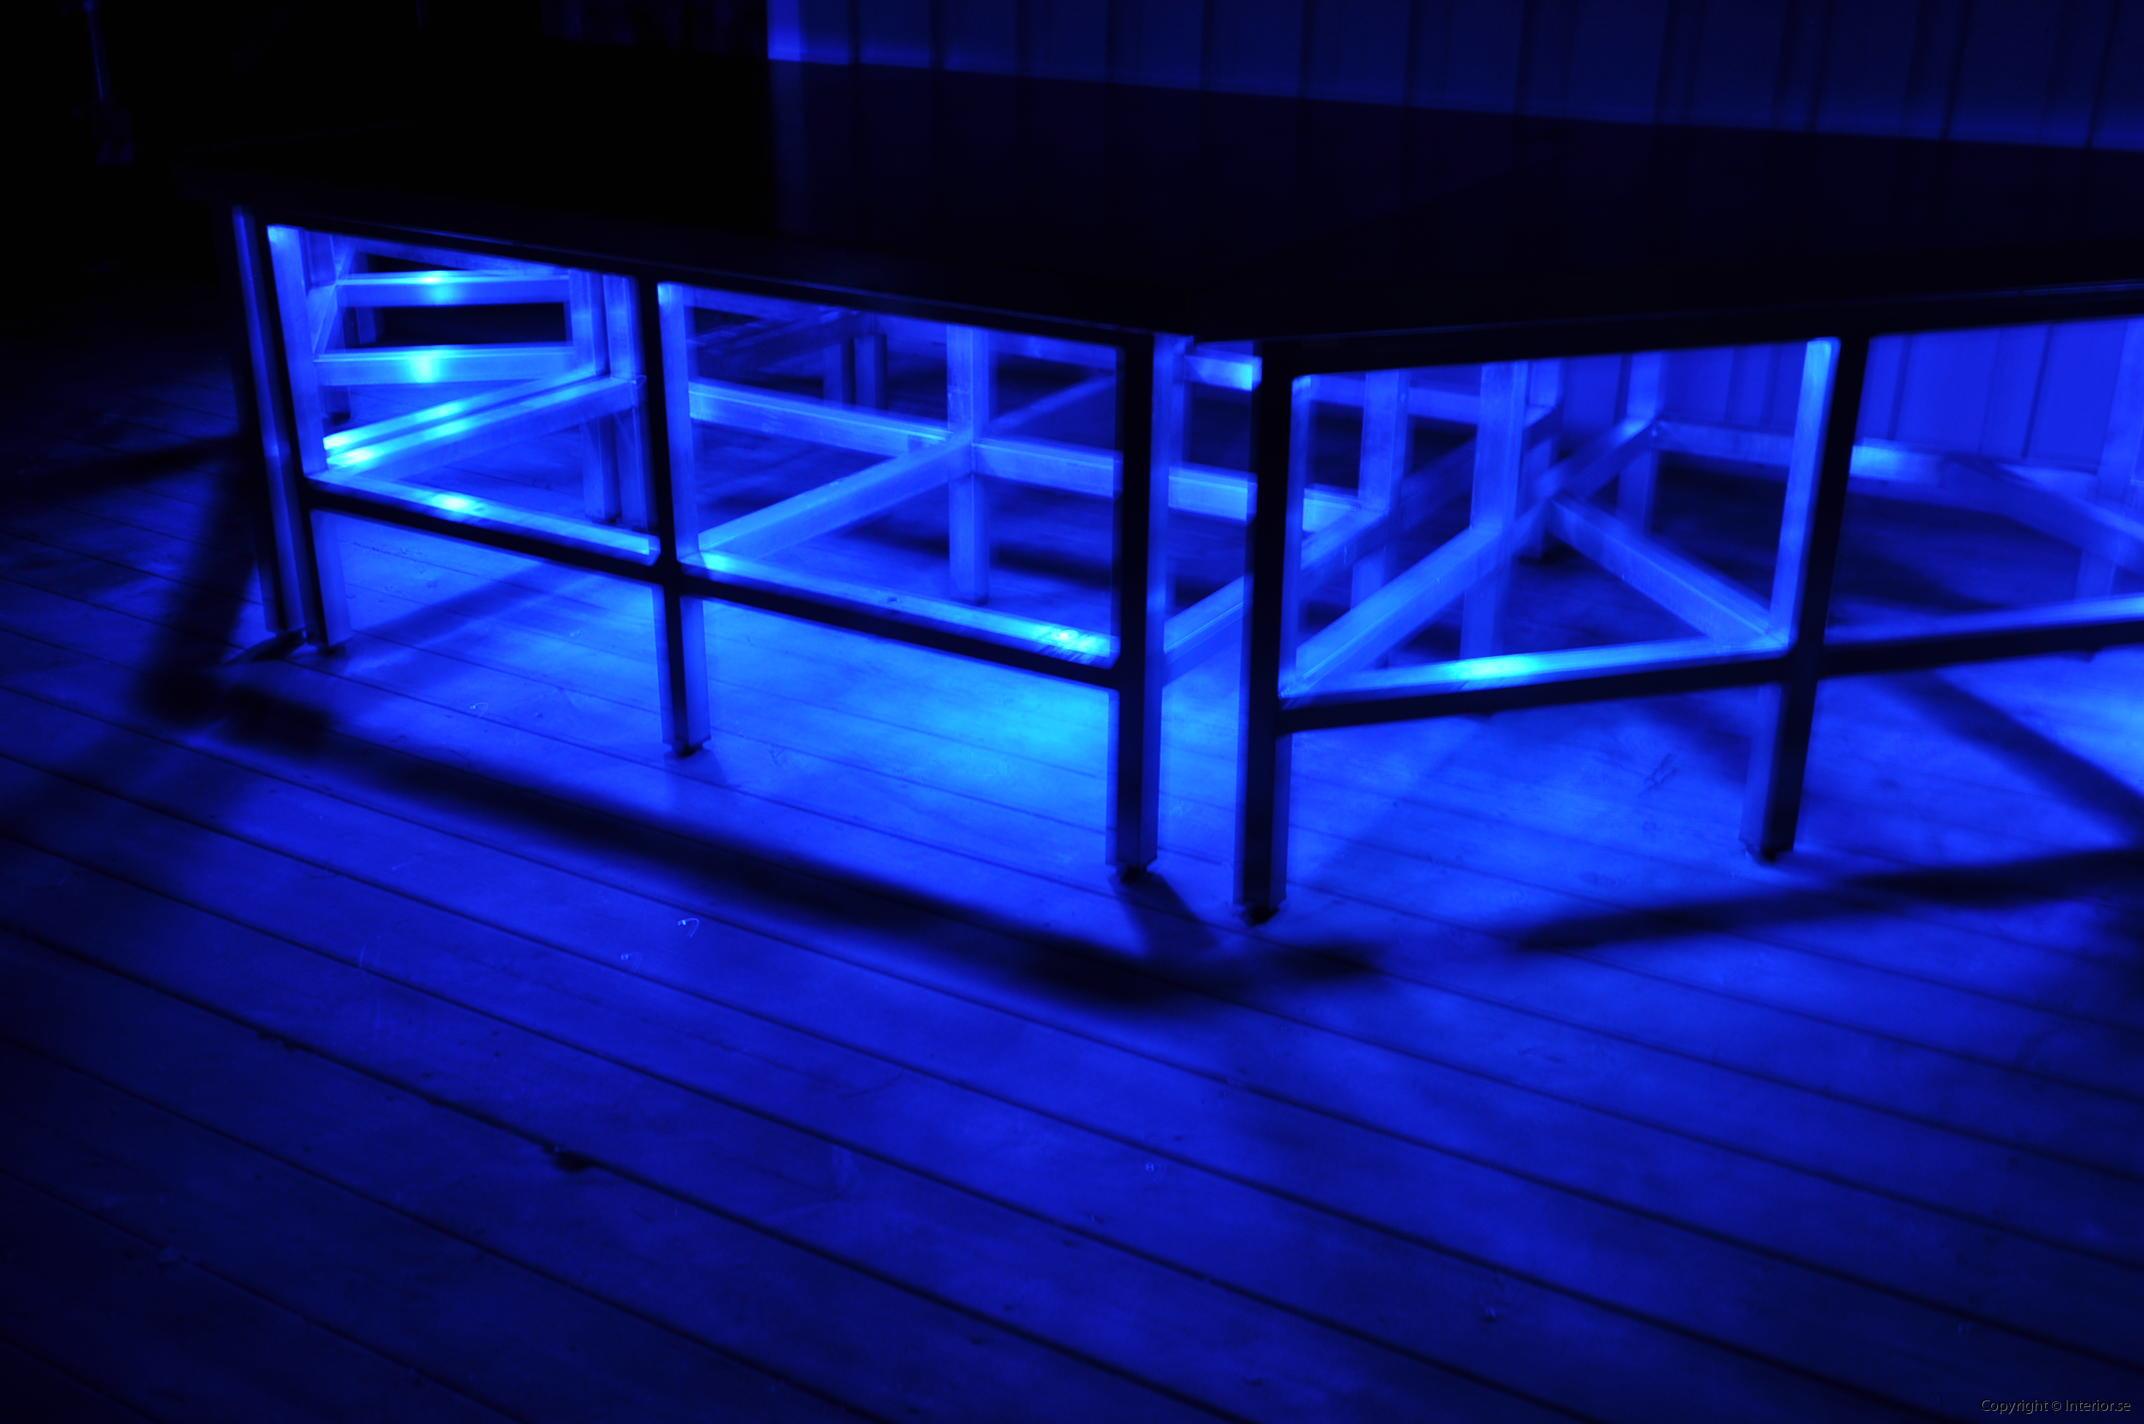 hyra scen podier podium rostfri dansscen hyr stockholm event möbler inredning (12)